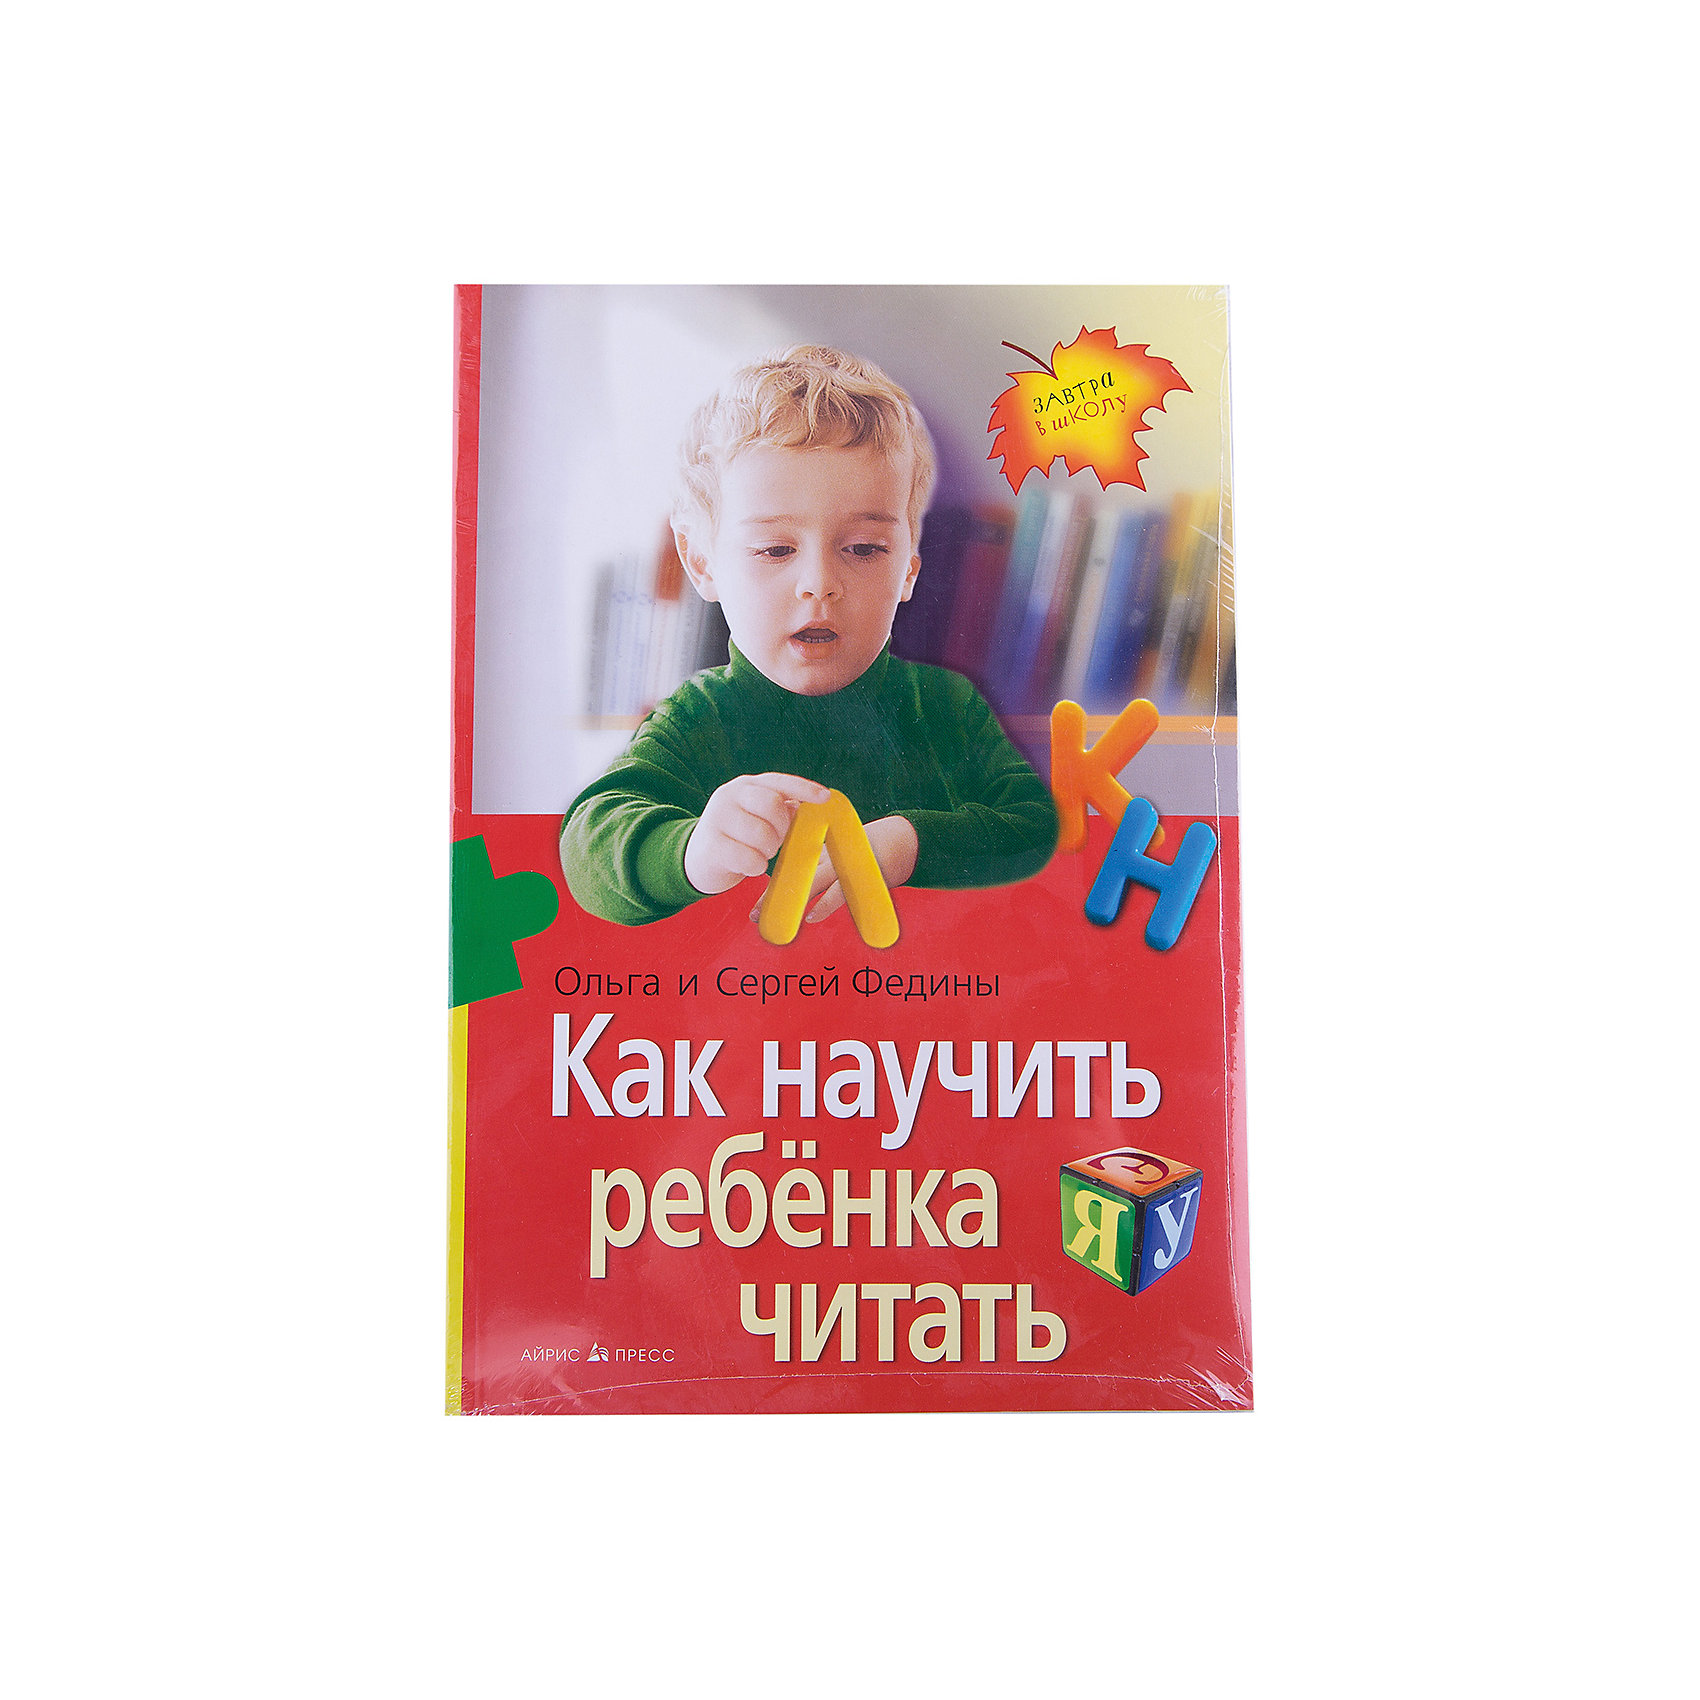 Как научить ребенка читать, Федин С.Н., Федина О.В.Книги для развития речи<br>Книга является результатом многолетней работы авторов с дошкольниками в центре интенсивного развития «Маленький принц». &#13;<br>Иллюстрированное пособие для родителей позволяет легко и быстро научить детей 4–5 лет читать. Курс обучения состоит из семи ступенек (от знакомства со звуками до чтения предложений). Каждый раздел предваряют советы родителям, популярно объясняющие, как сделать занятия с ребенком веселыми и интересными.<br><br>Ширина мм: 10<br>Глубина мм: 165<br>Высота мм: 235<br>Вес г: 239<br>Возраст от месяцев: -2147483648<br>Возраст до месяцев: 2147483647<br>Пол: Унисекс<br>Возраст: Детский<br>SKU: 6849667